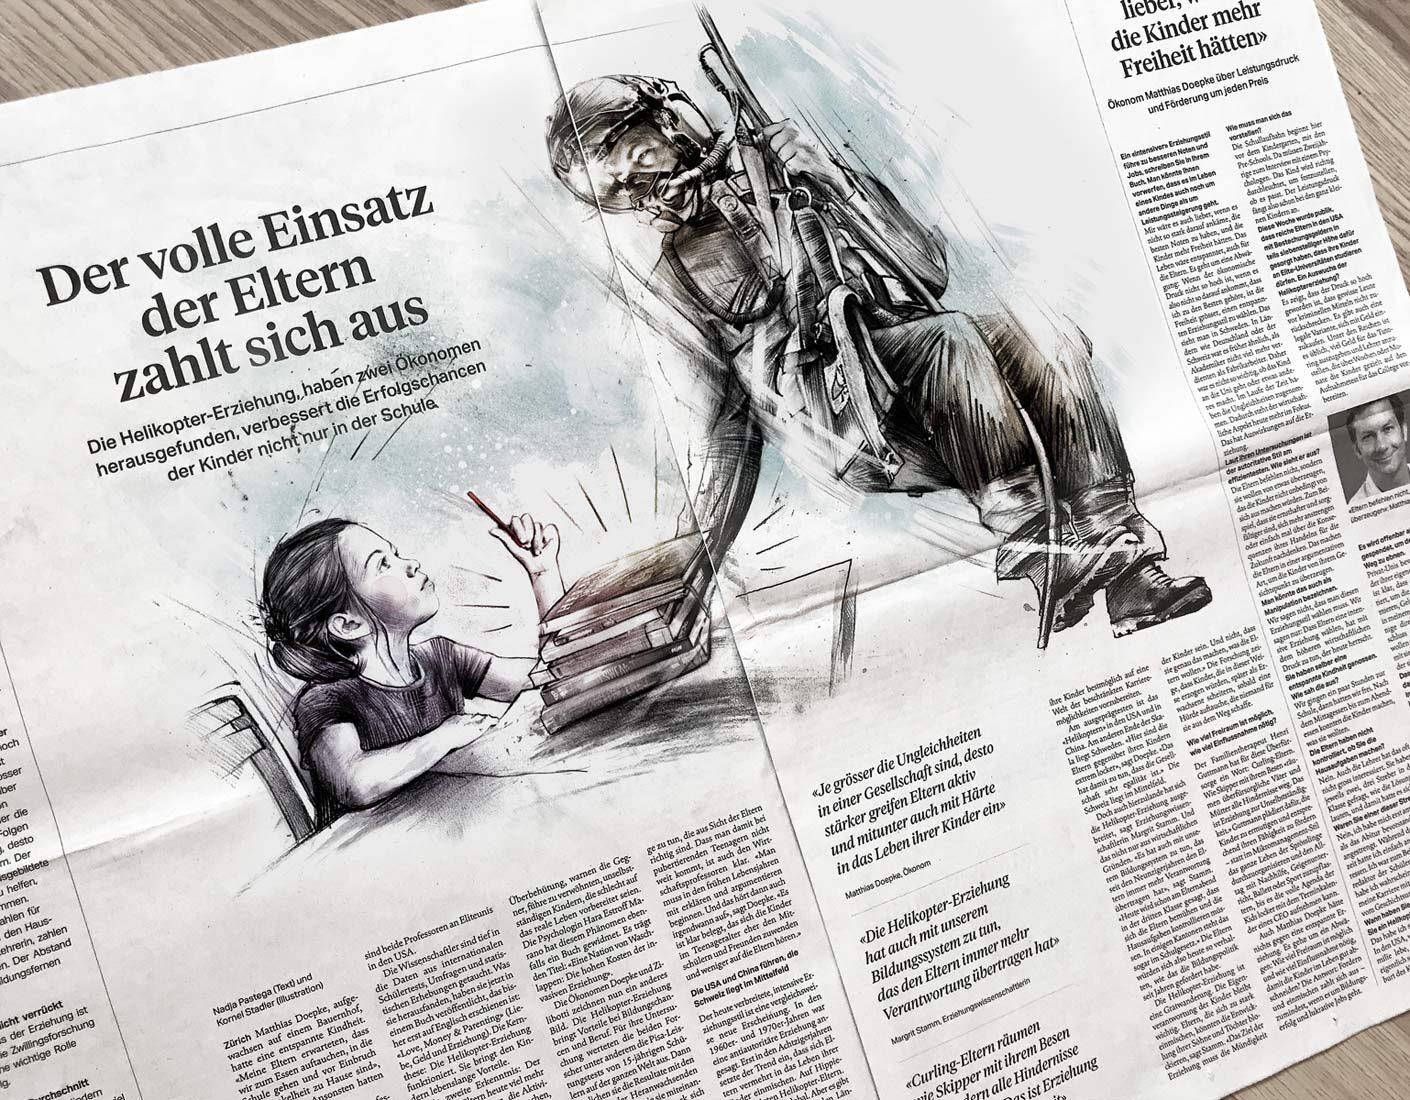 SZ Helikopter 2 - Kornel Illustration | Kornel Stadler portfolio